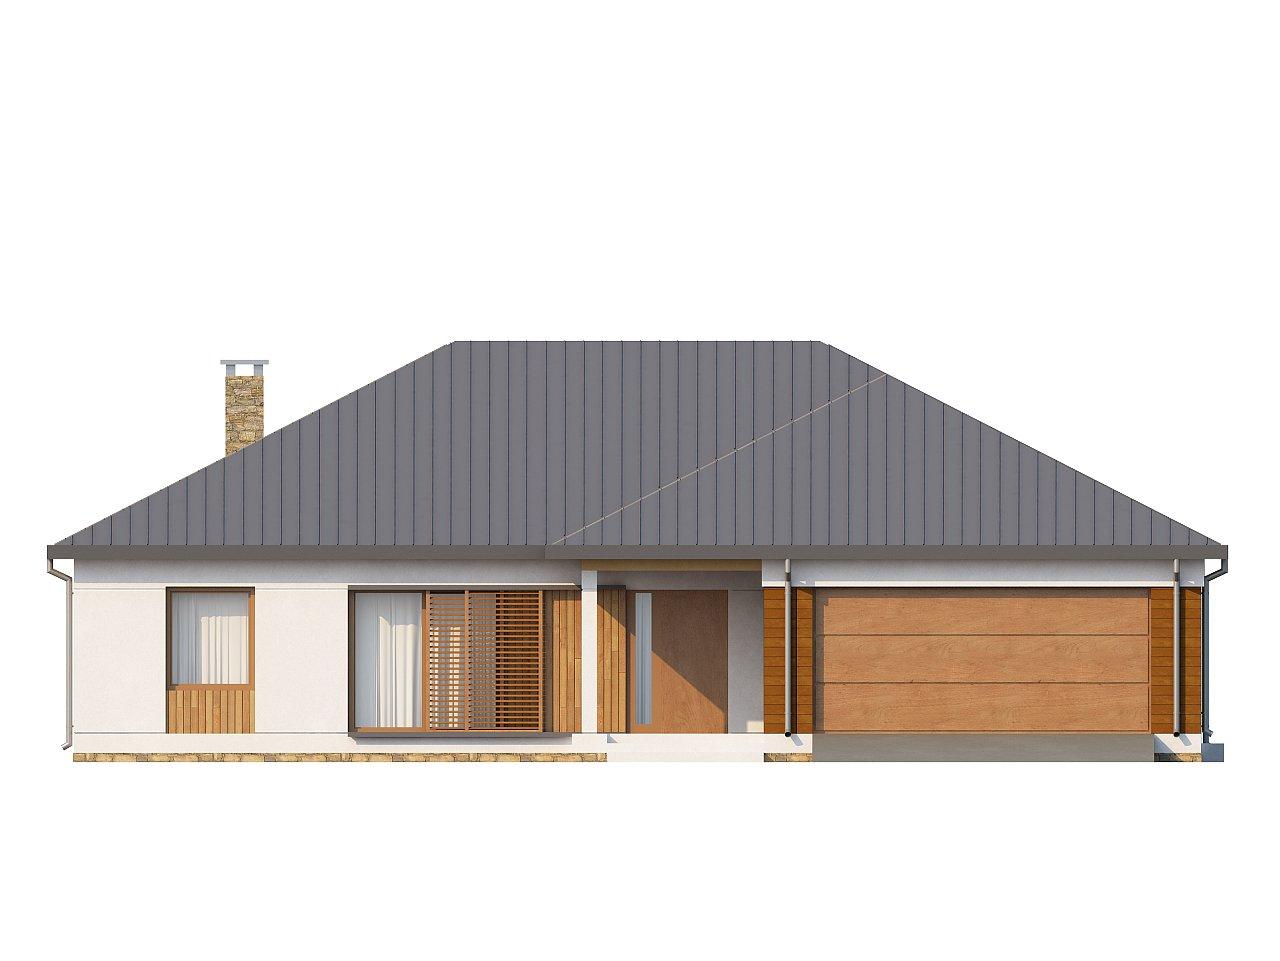 Проект практичного одноэтажного дома с фронтальным выступающим гаражом и крытой террасой. 3